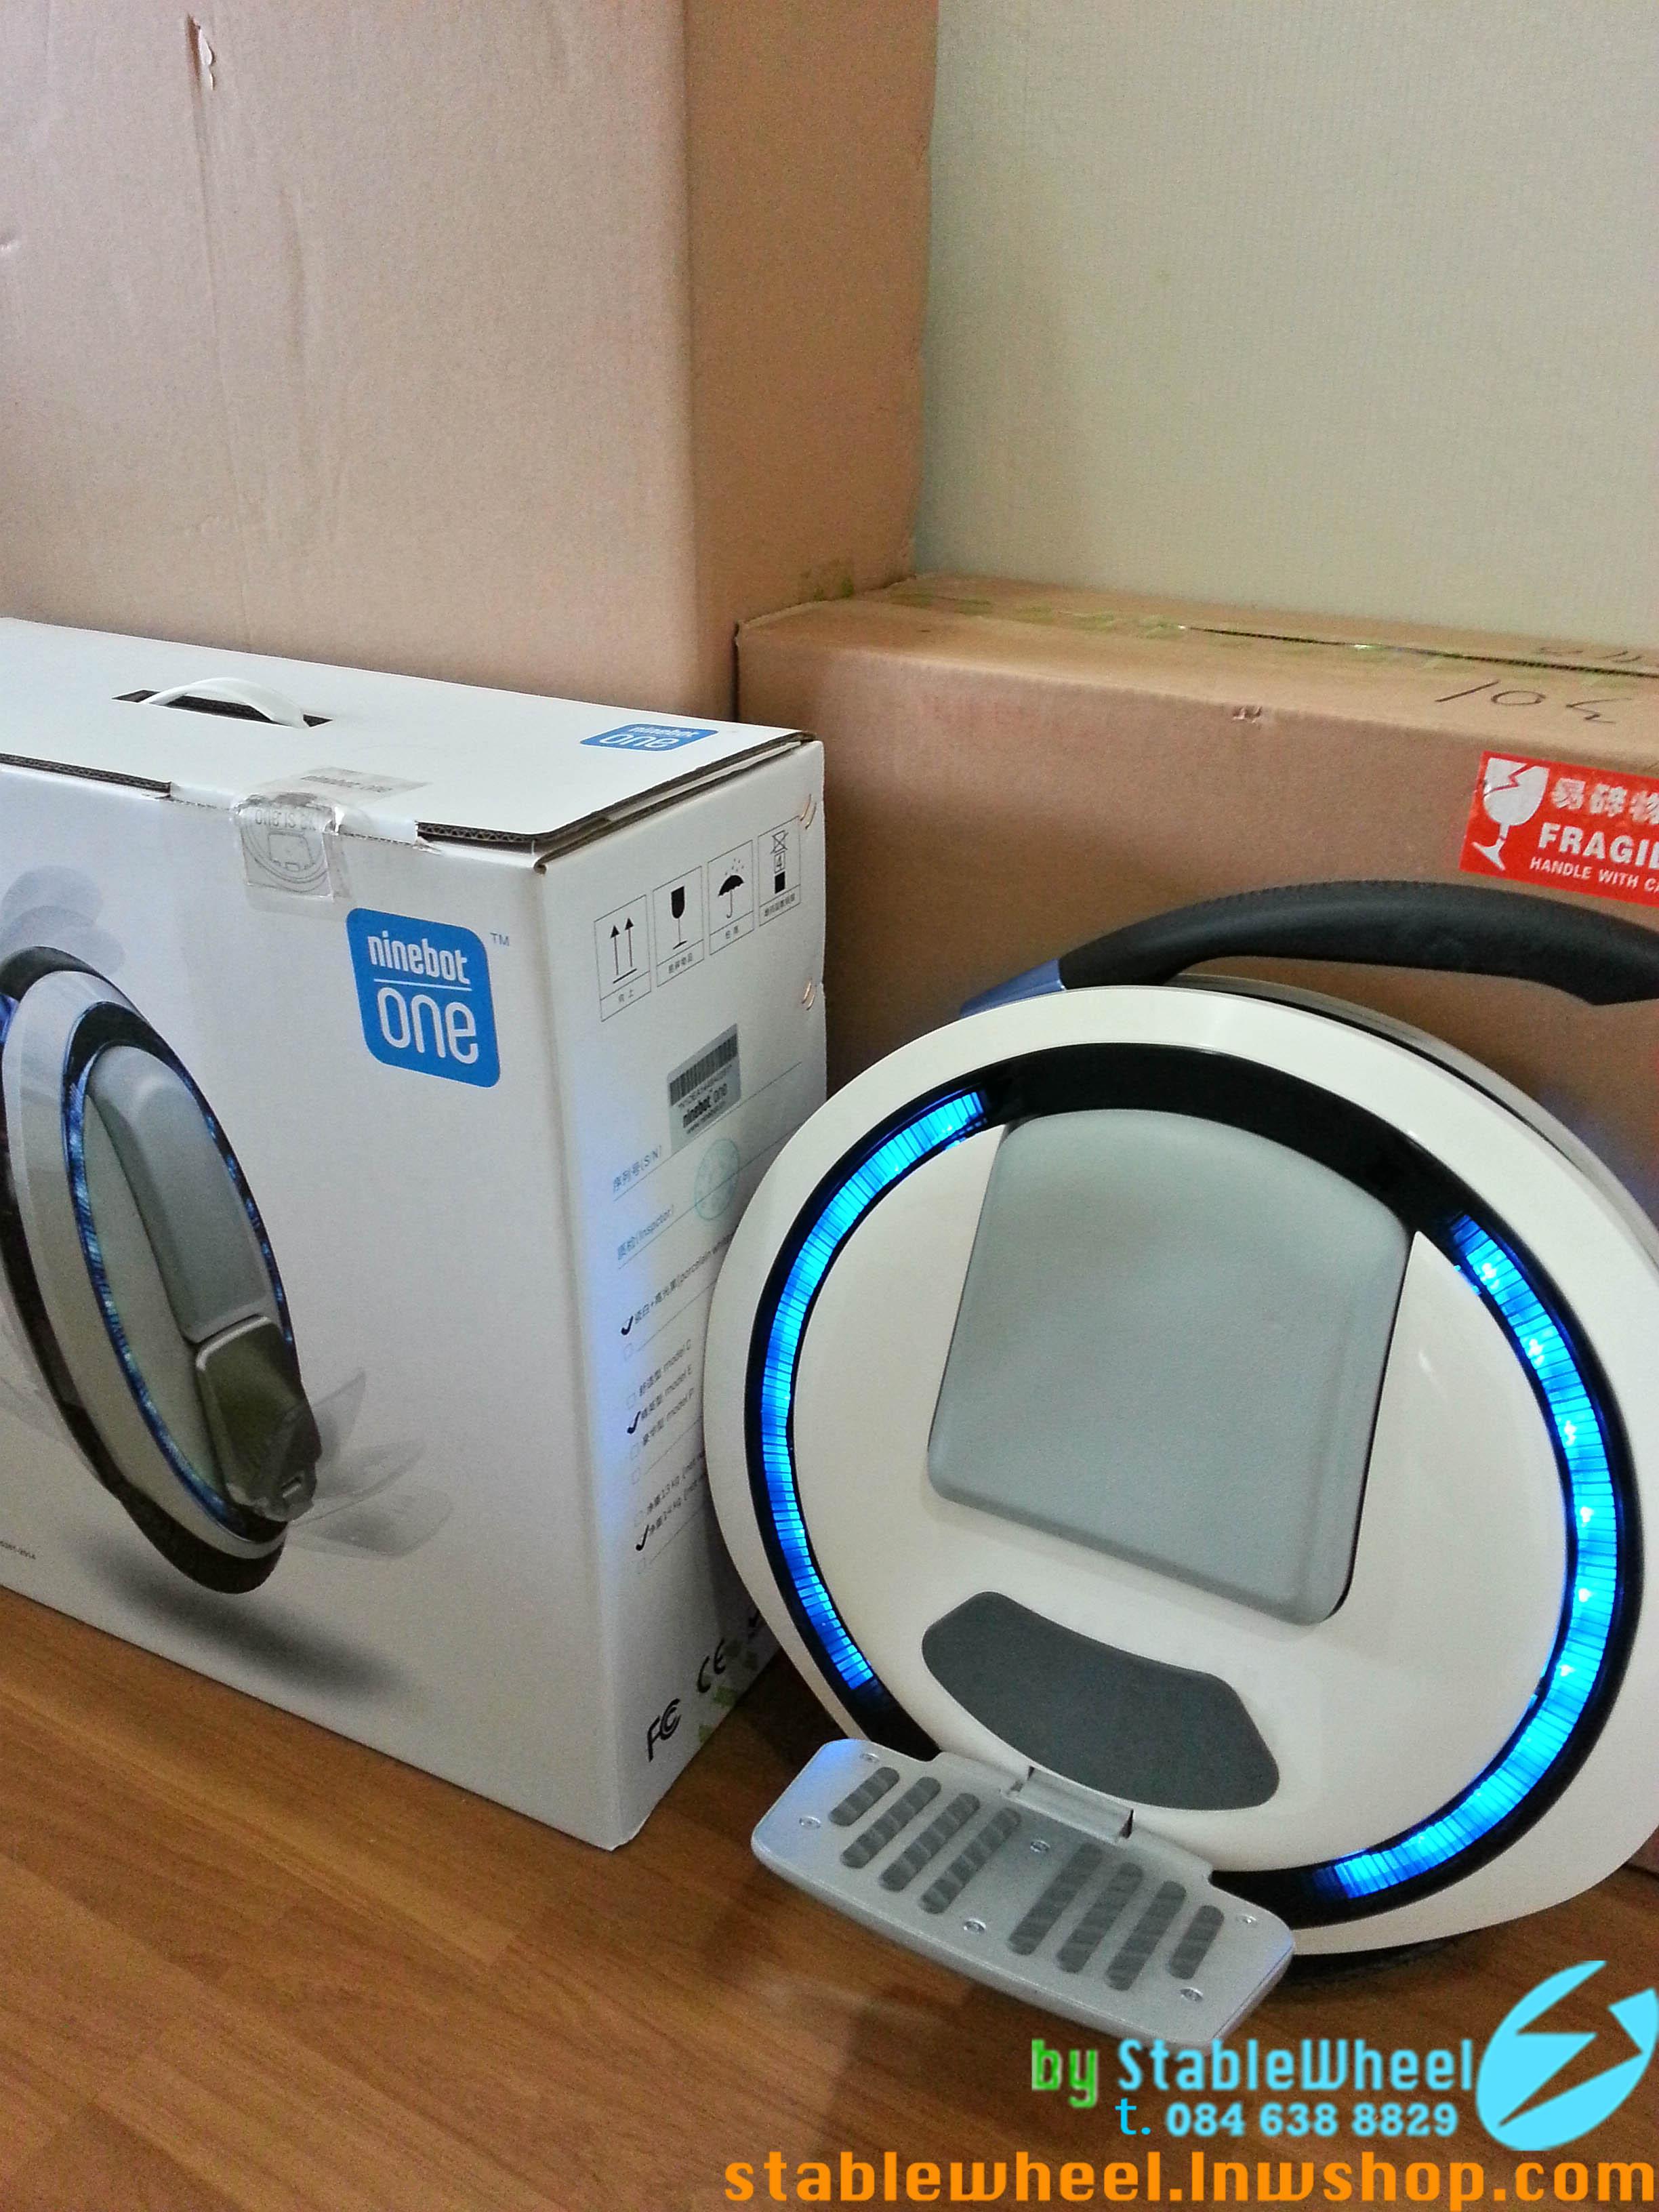 ขาย Unicycle Wheel electric ไฟฟ้าล้อเดียว ninebot one t.0846388829 แจ้ stable wheel